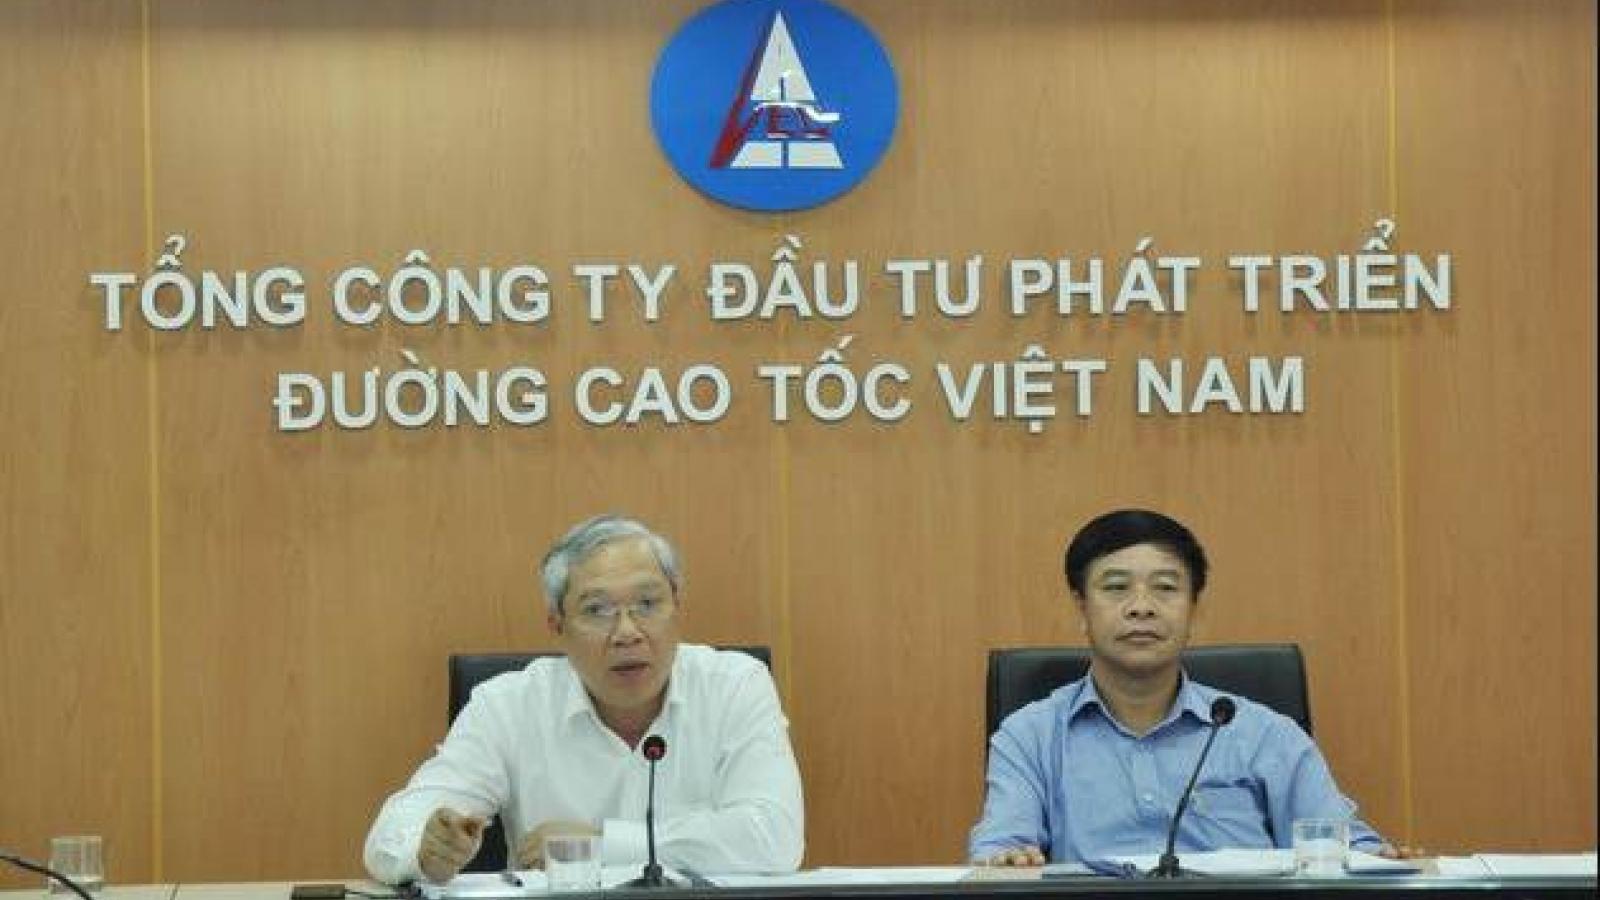 Xem xét kỷ luật Ban Thường vụ Đảng ủy Tổng Công ty Đầu tư phát triển đường cao tốc VN